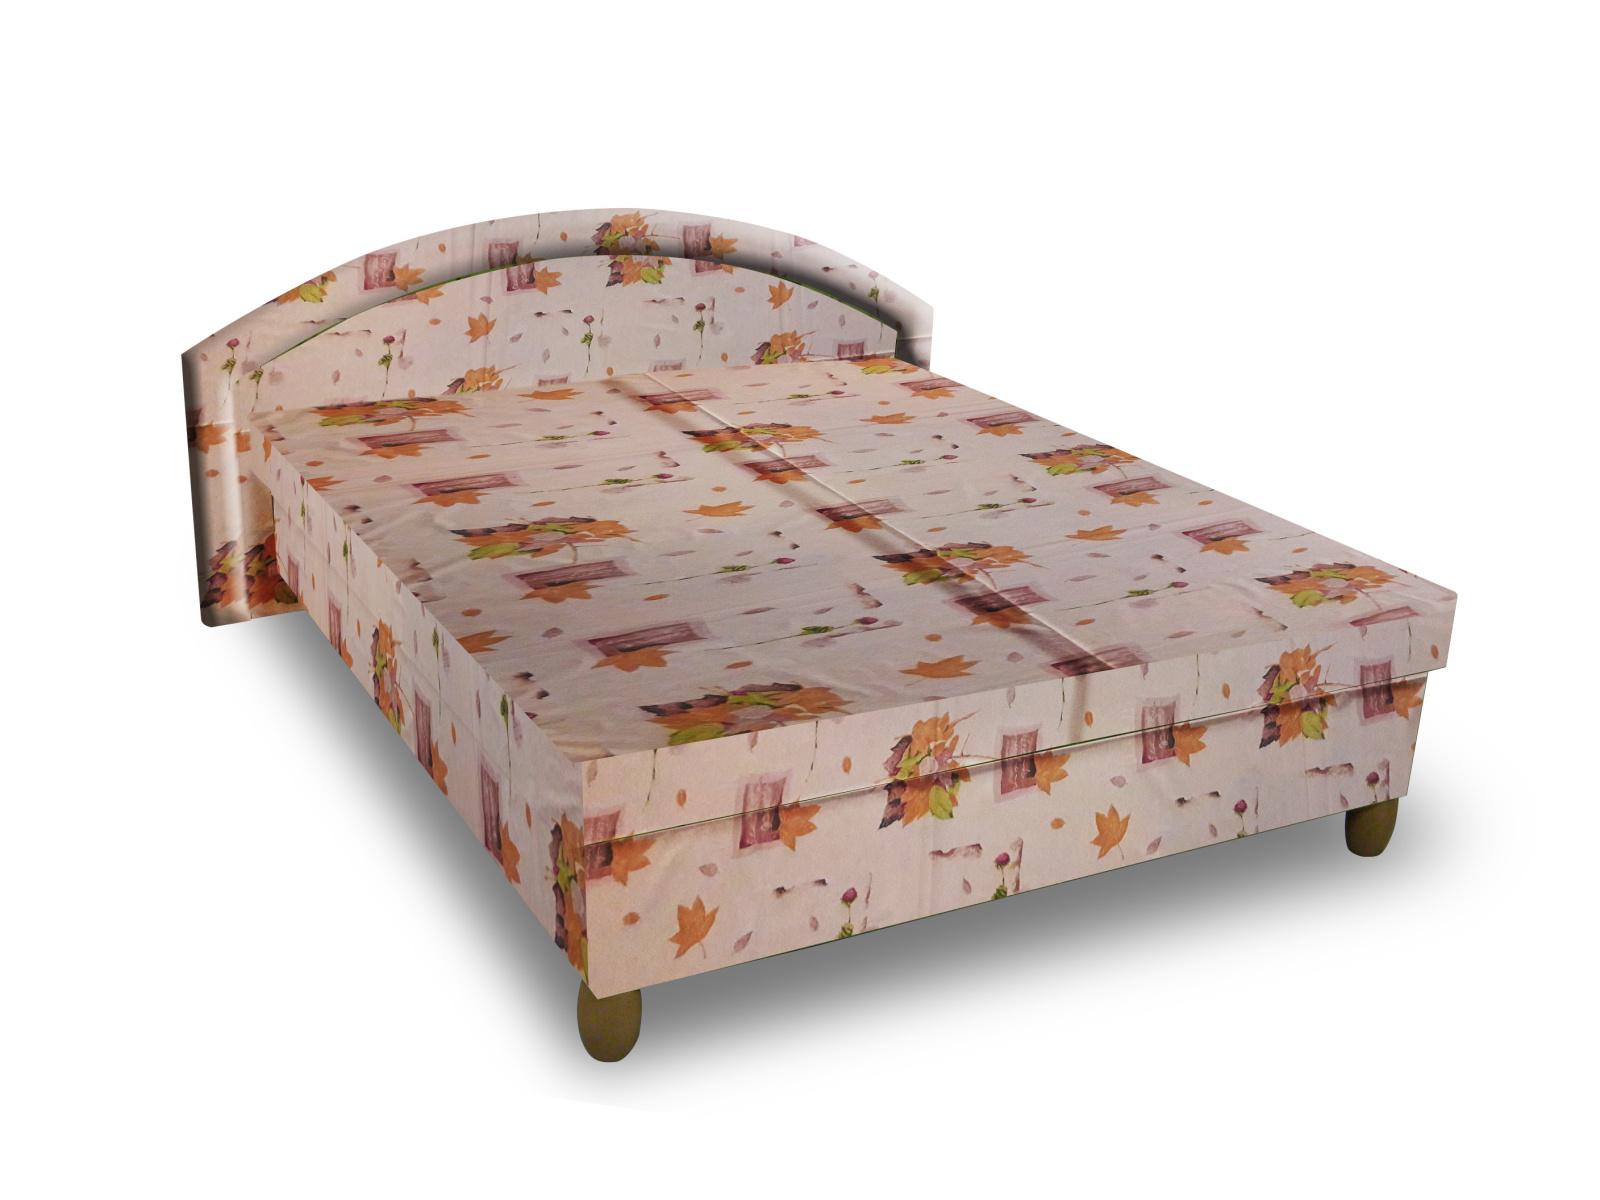 Smartshop Čalouněná postel MAGDA 160x195 cm, béžová látka